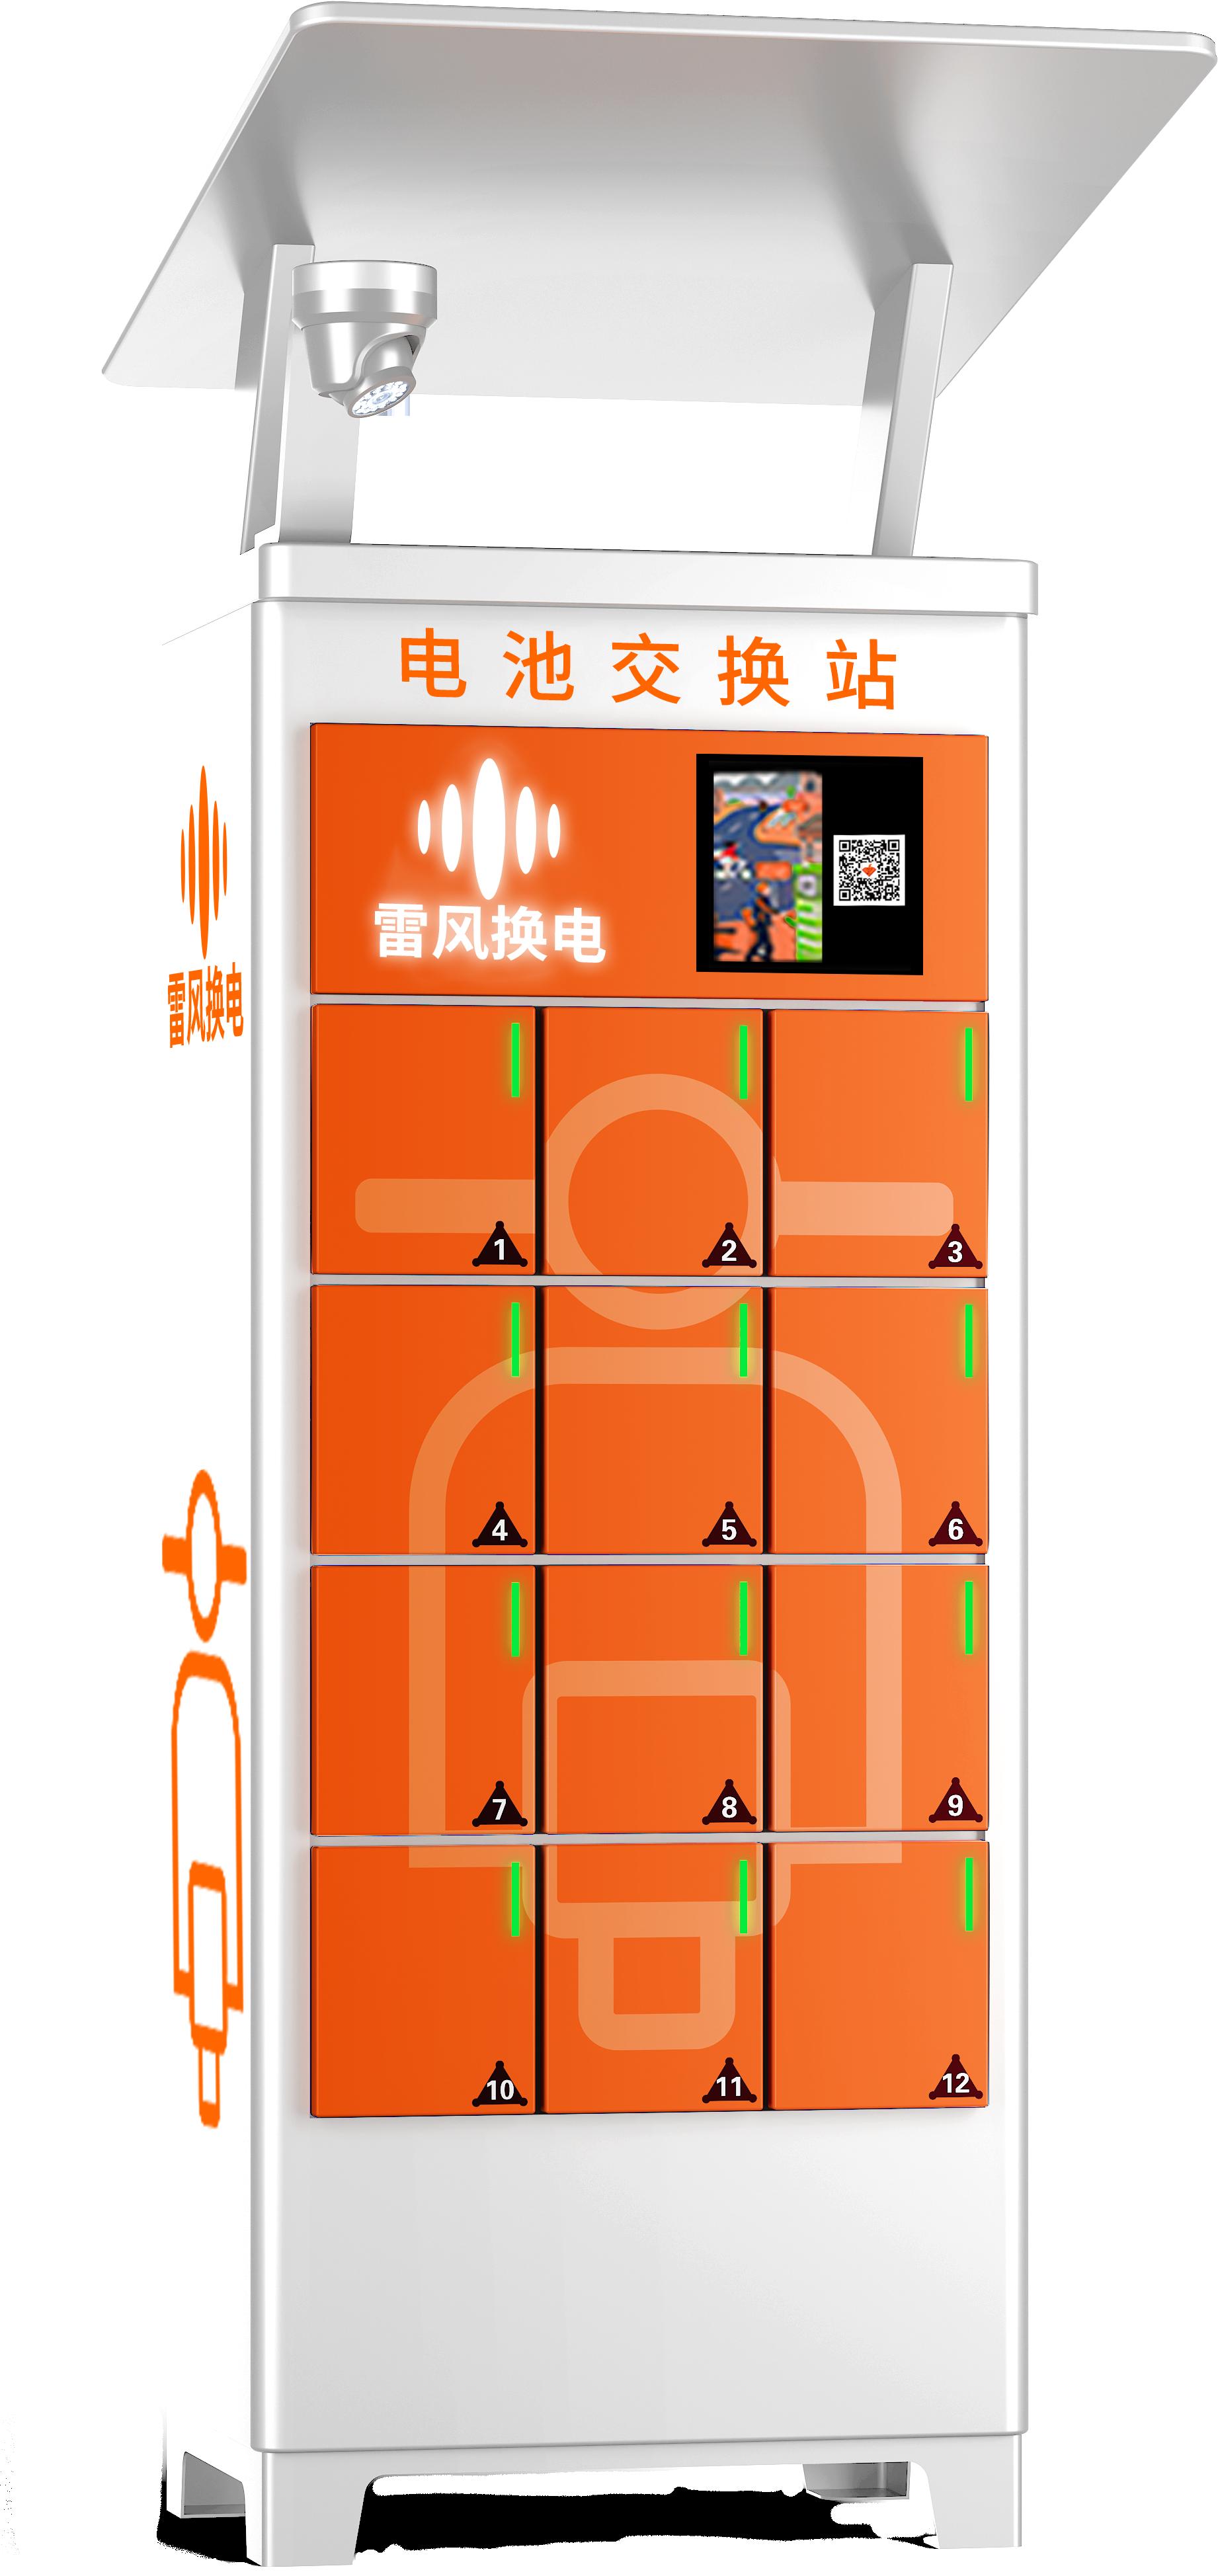 手机电池代理_换电柜代理运营模式详解 - 知乎